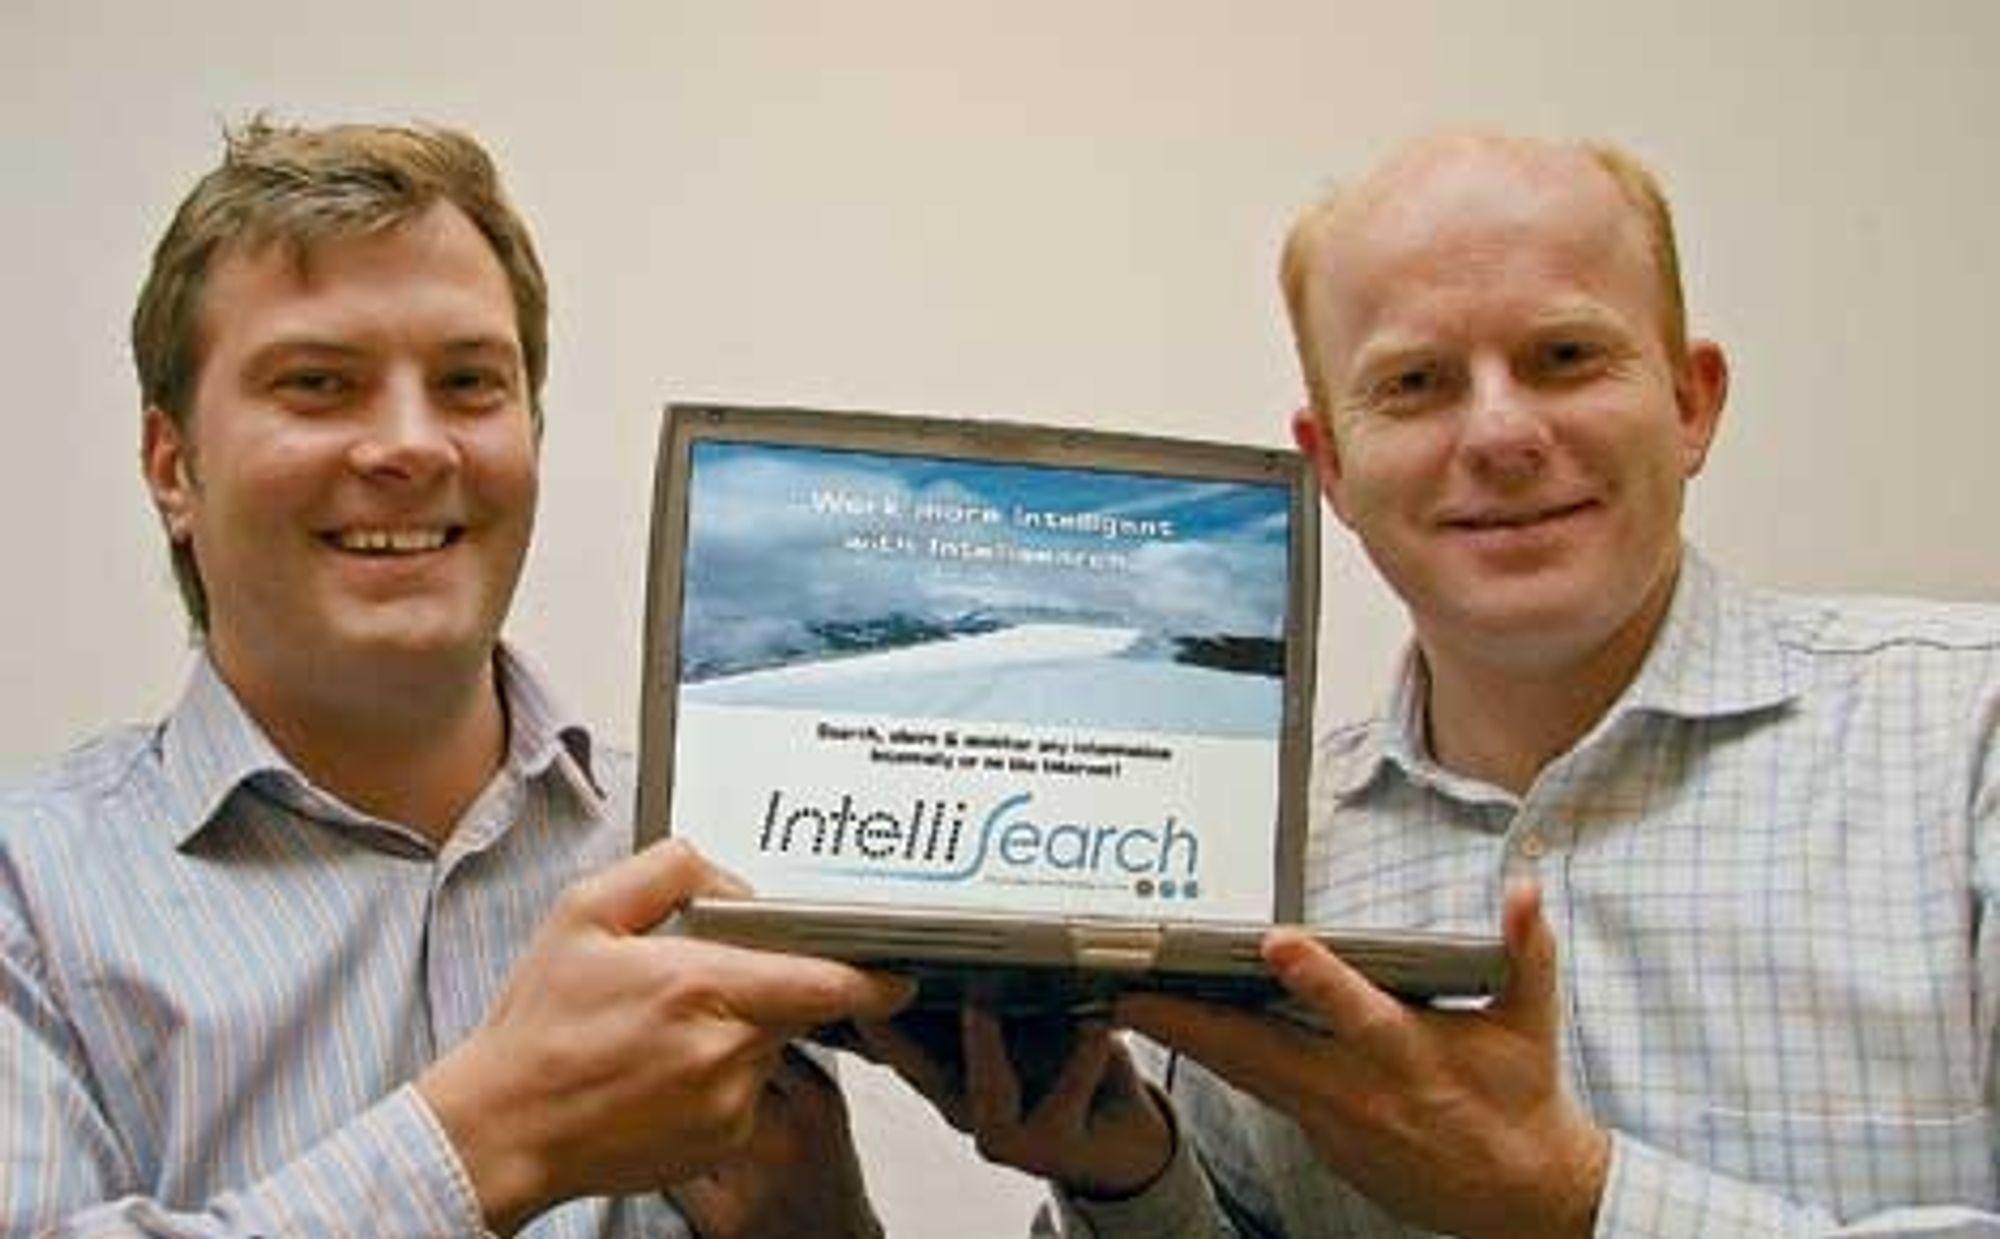 BEDRE OG BILLIGERE: Harald Jellum (t. v.) og Kristian Hjelseth i Intellisearch mener norske bedrifter både kan bli mer effektive og kan spare penger på deres nye søkeprogramvare.